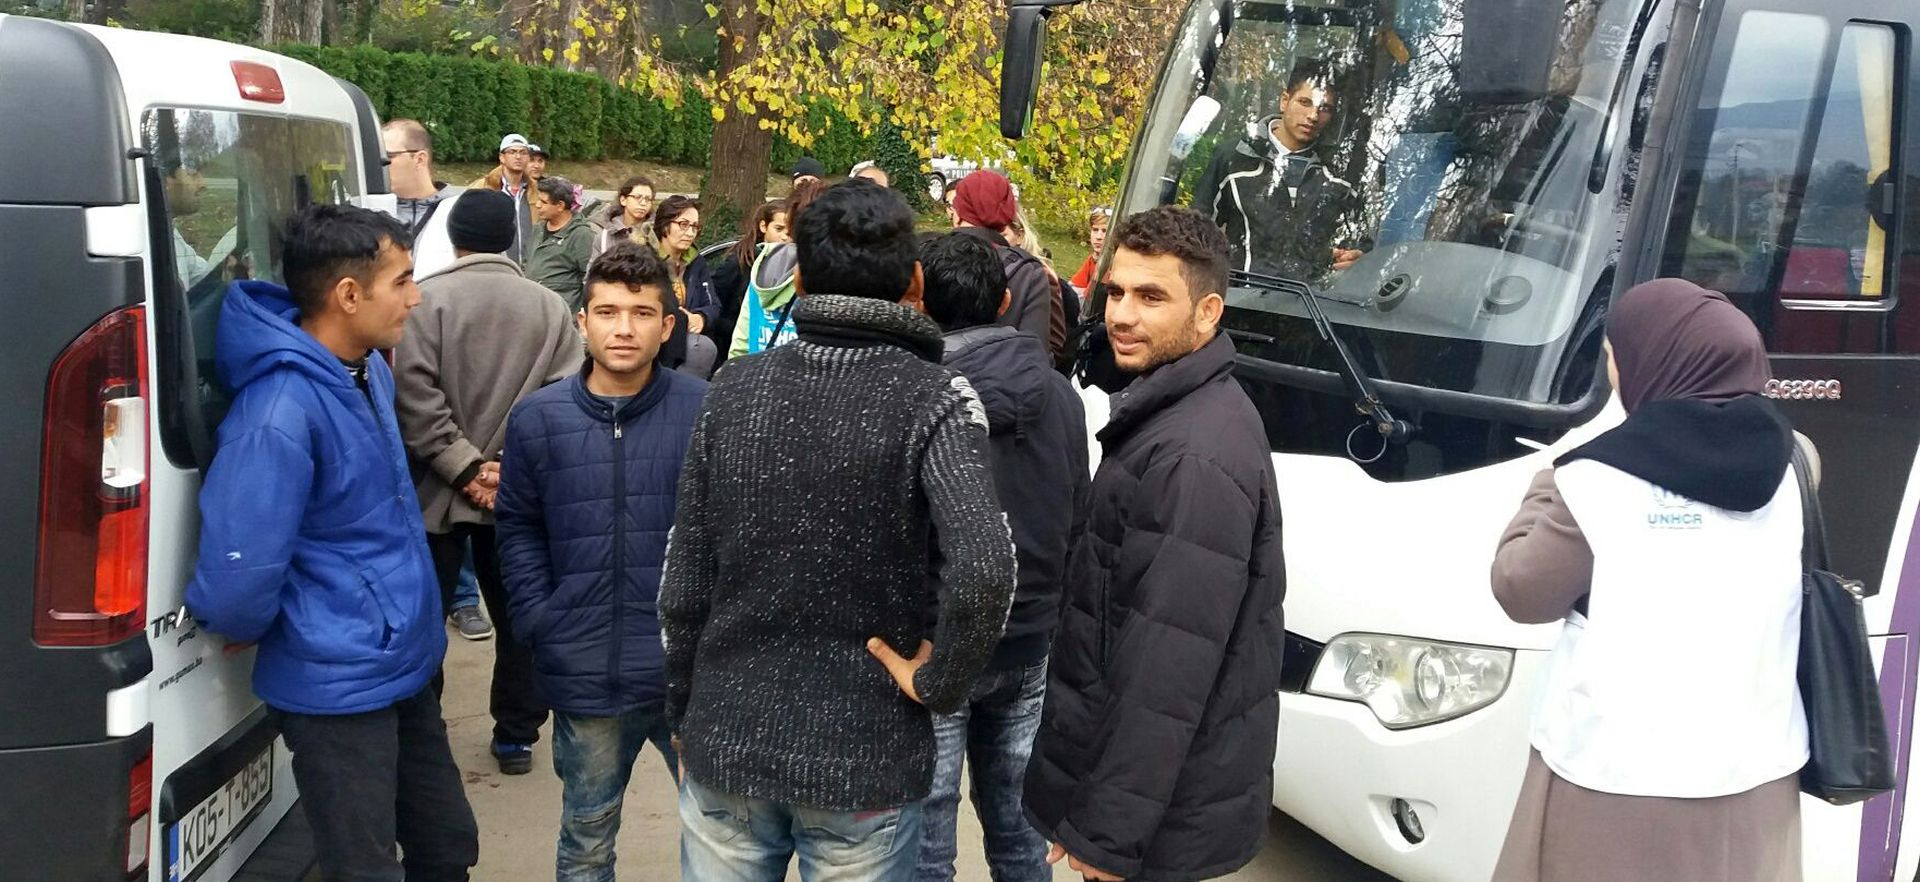 Migranti iz Bihaća vraćeni u Sarajevo